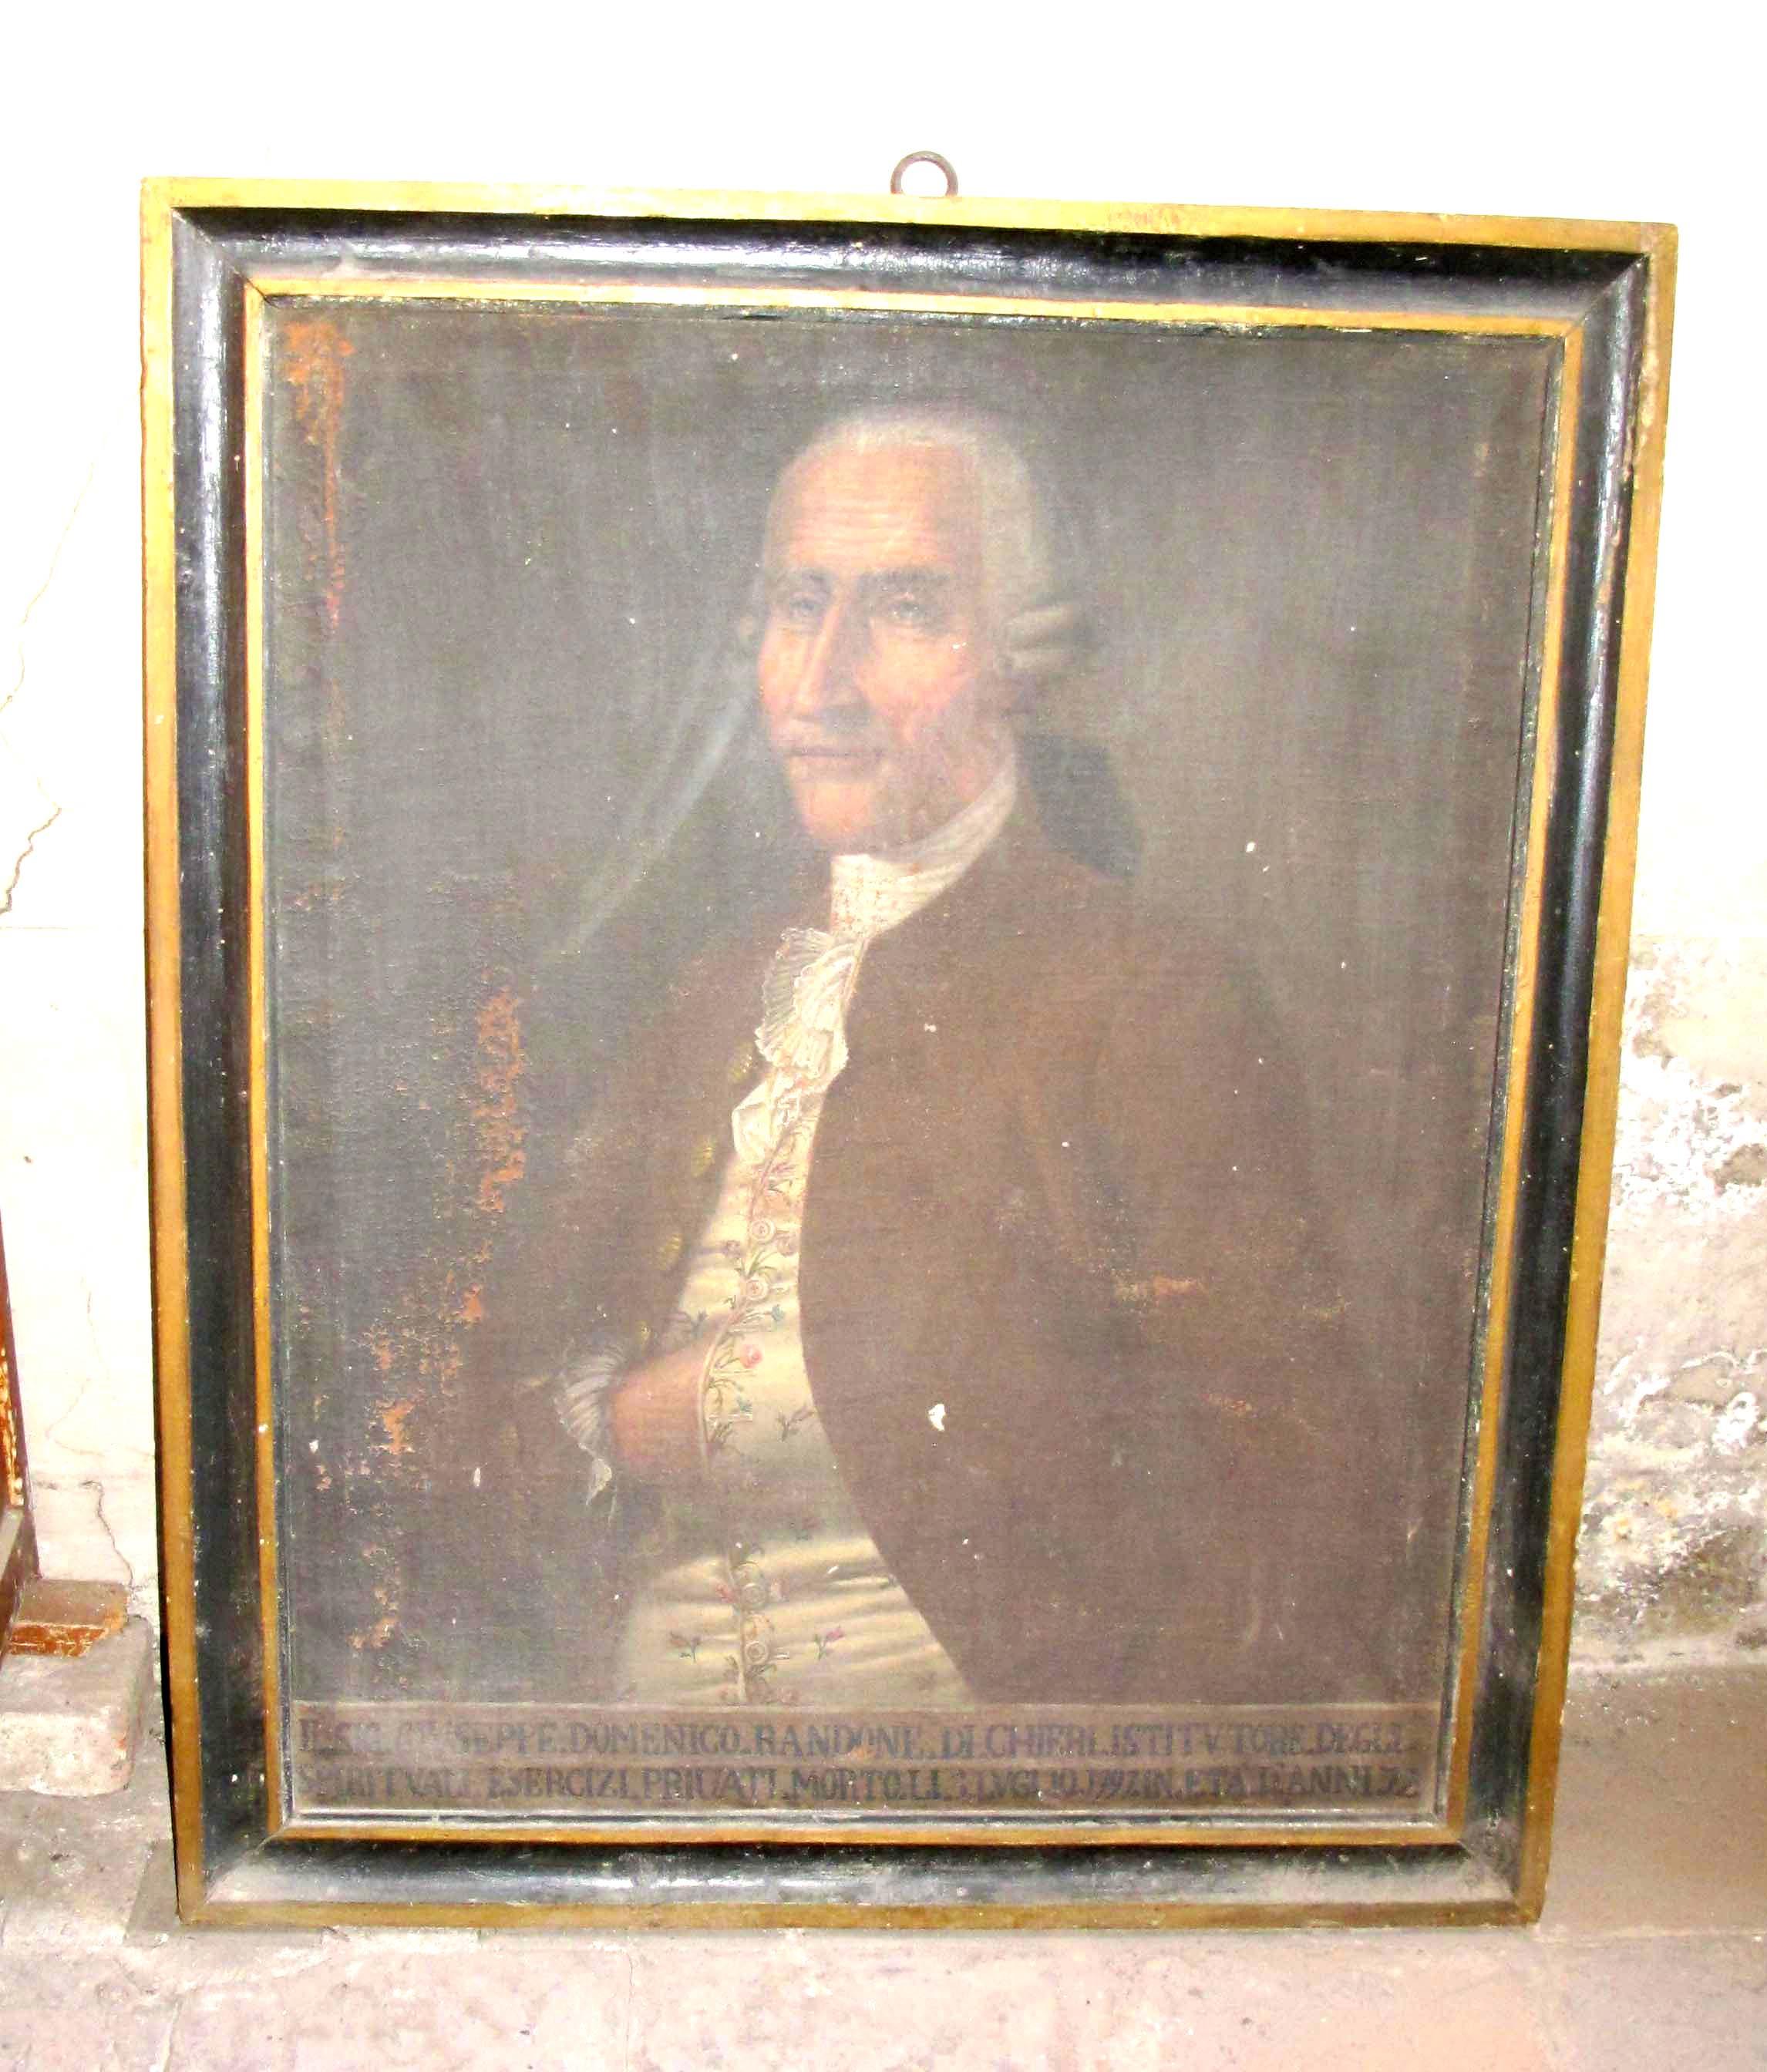 IGNOTO PITTORE PIEMONTESE, Ritratto di Giuseppe Domenico Randone (fine sec. XVIII, dopo il 1797).